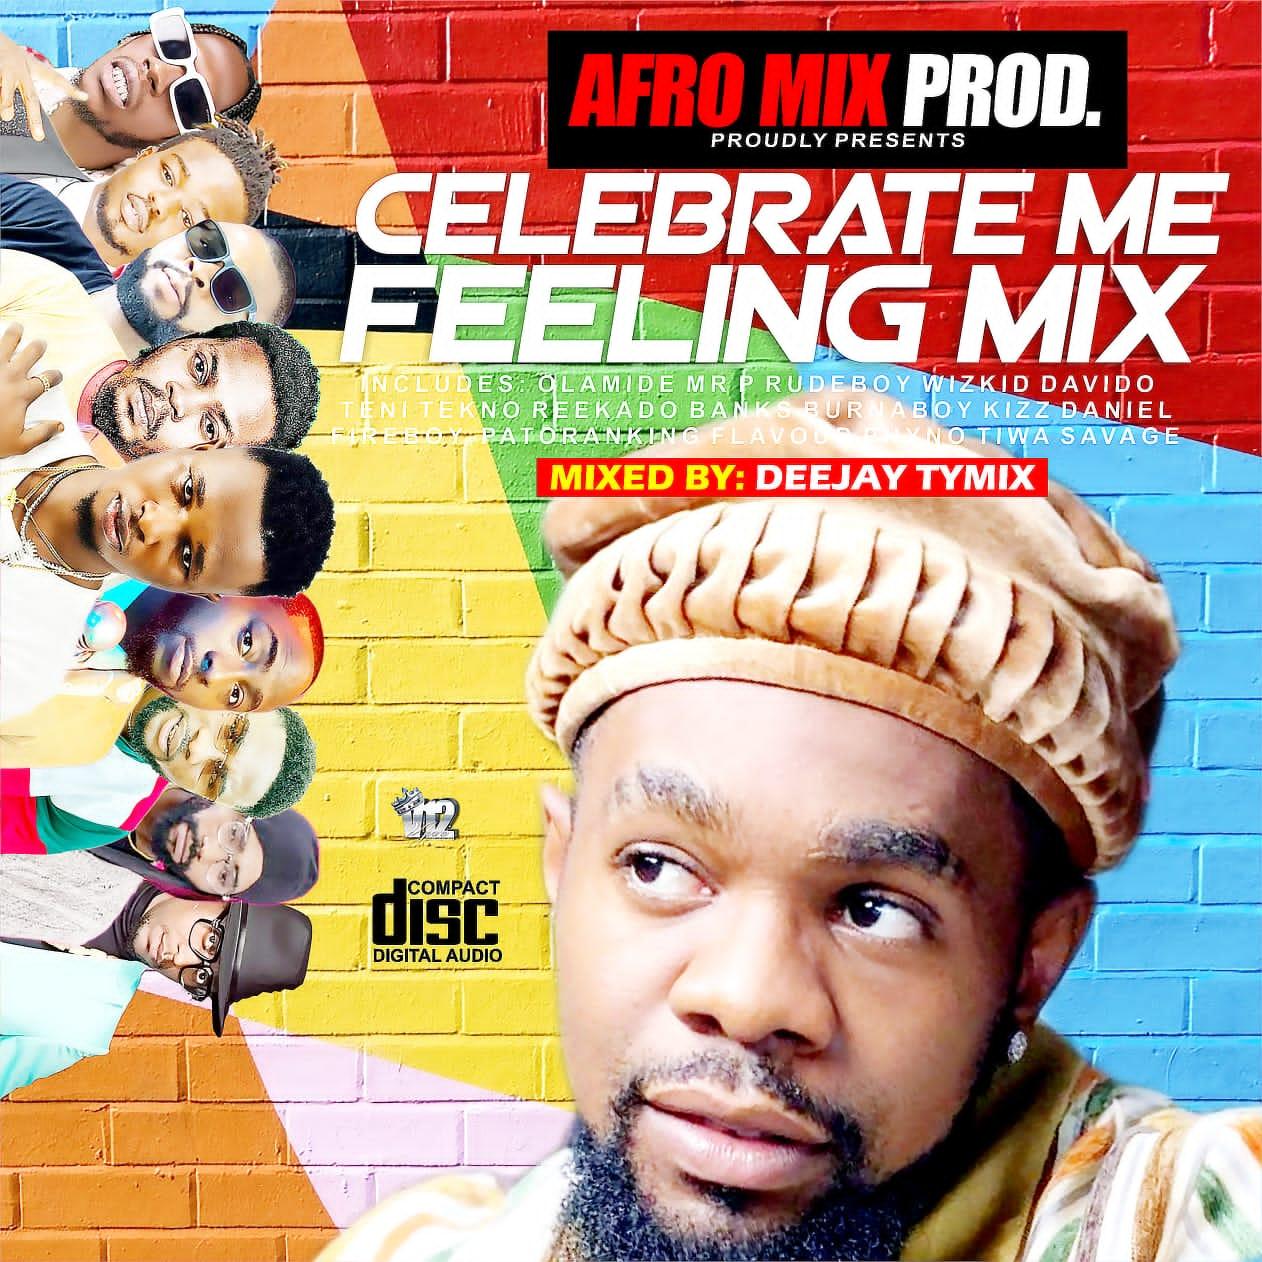 Afromix ft DjTYmix - Celebrate Me Felling Mixtape